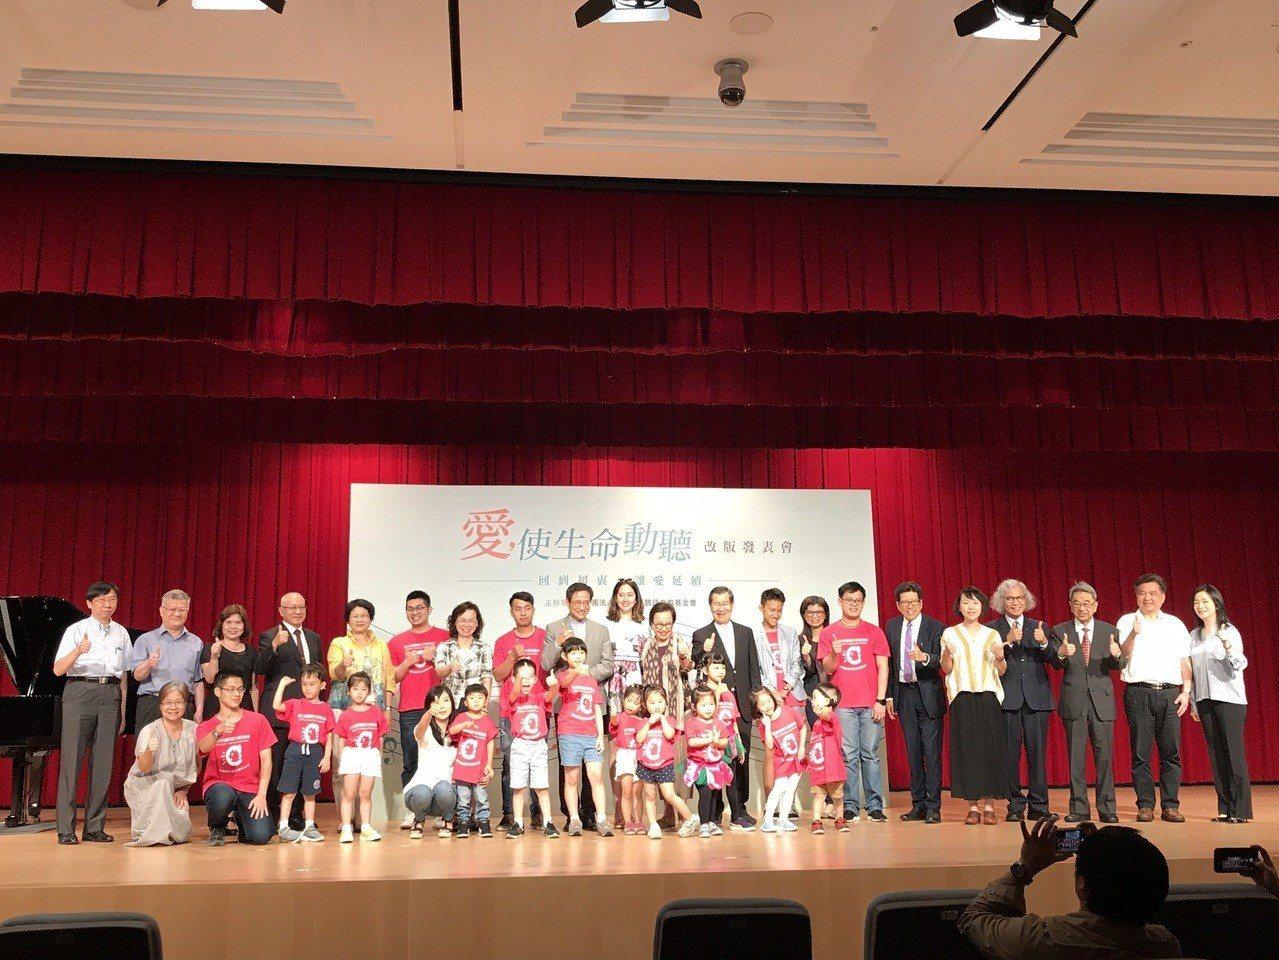 雅文兒童聽語文教基金會成立至今23年,協助4千多名聽損兒透過「聽覺口語法」的專業...